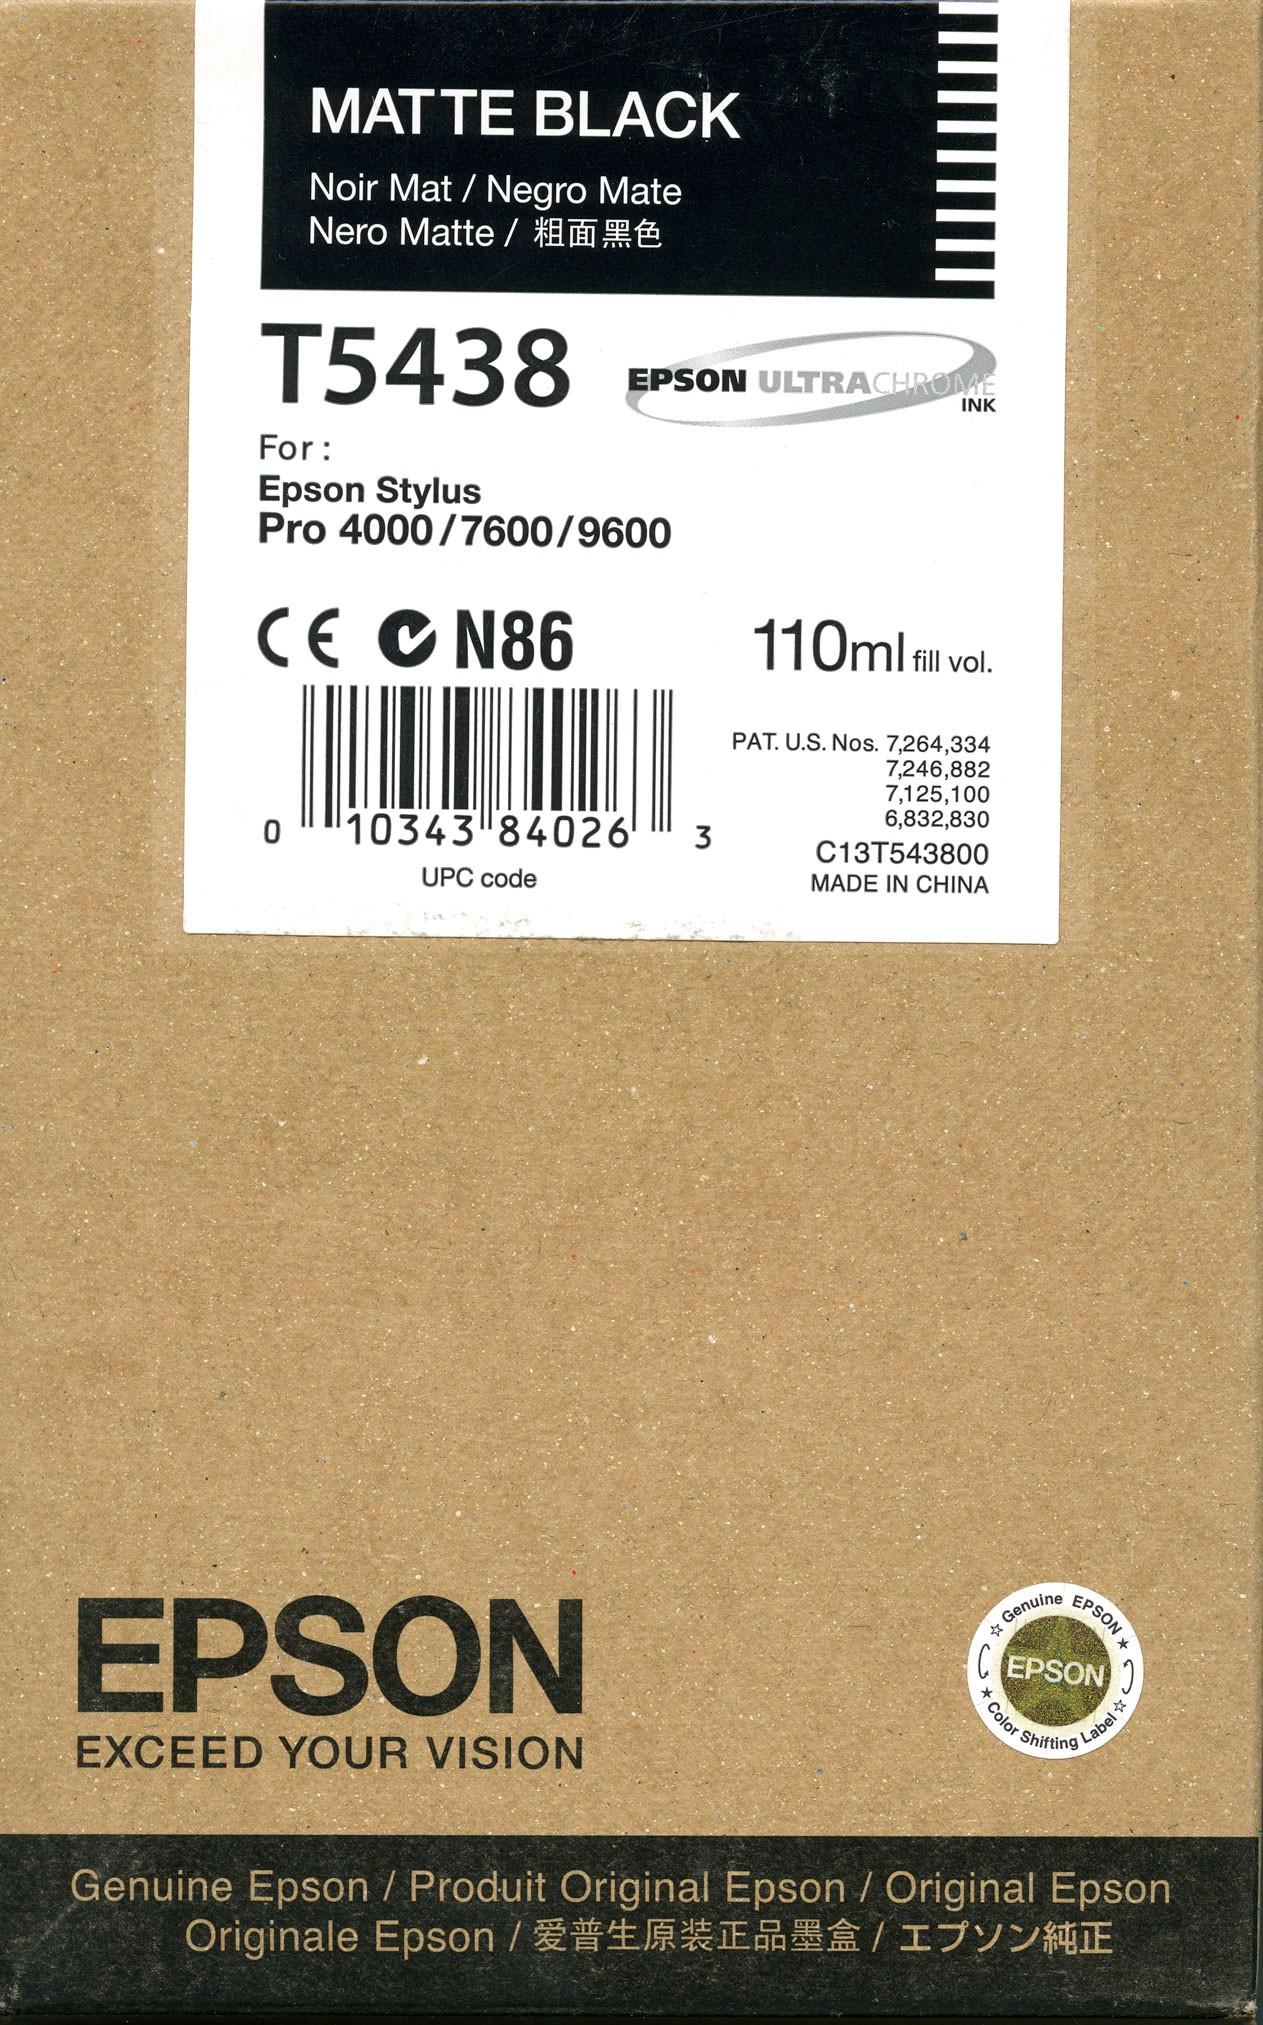 Epson T543800  Cartuccia nero/matte, capacit� 110ml